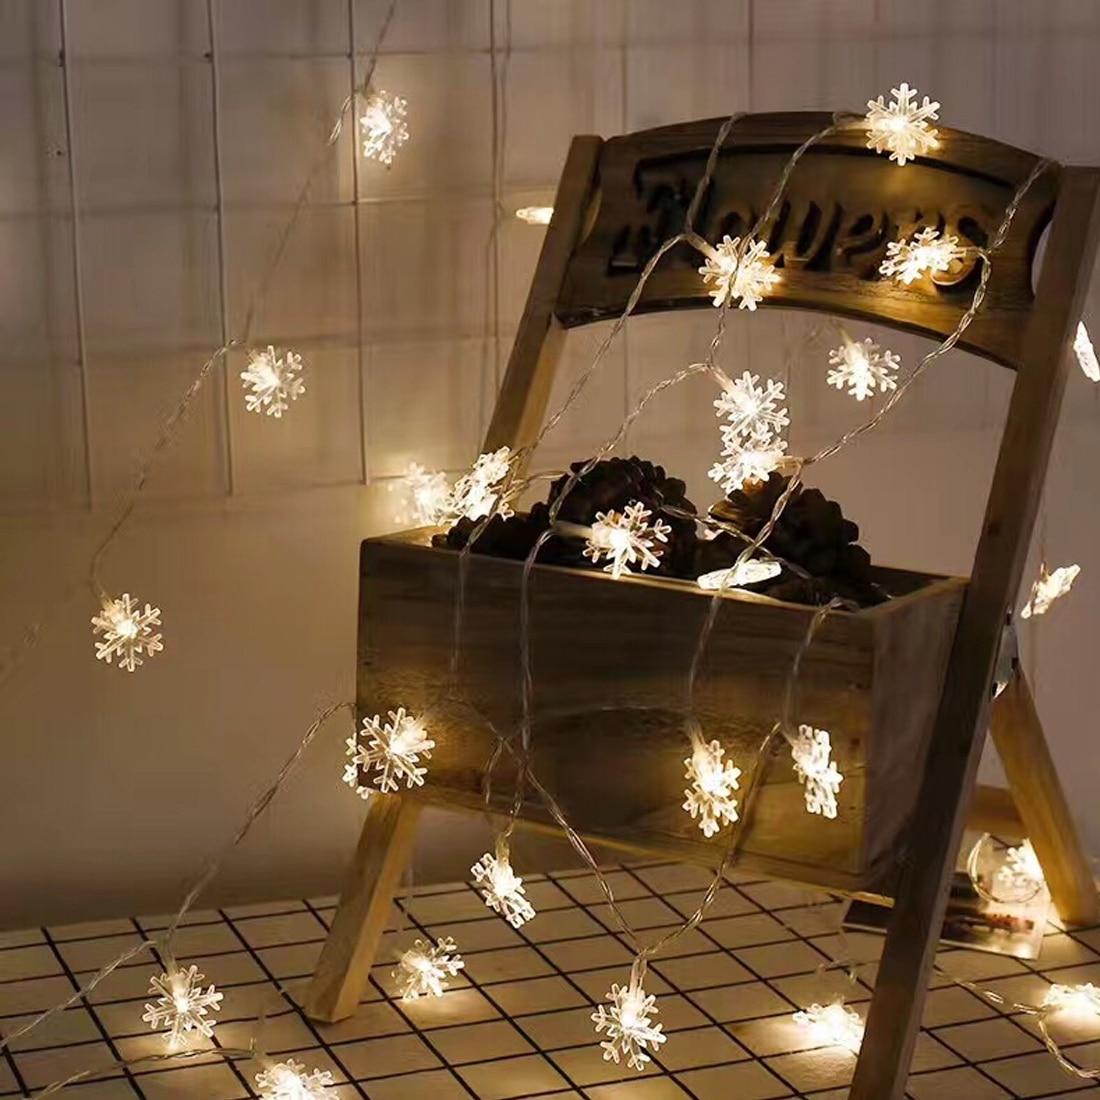 Поп-5 м/10 м Рождество фонари светодиодные строки елку Фея свет декоративные снег, огни дерева Гирлянда новогодняя елочные украшения